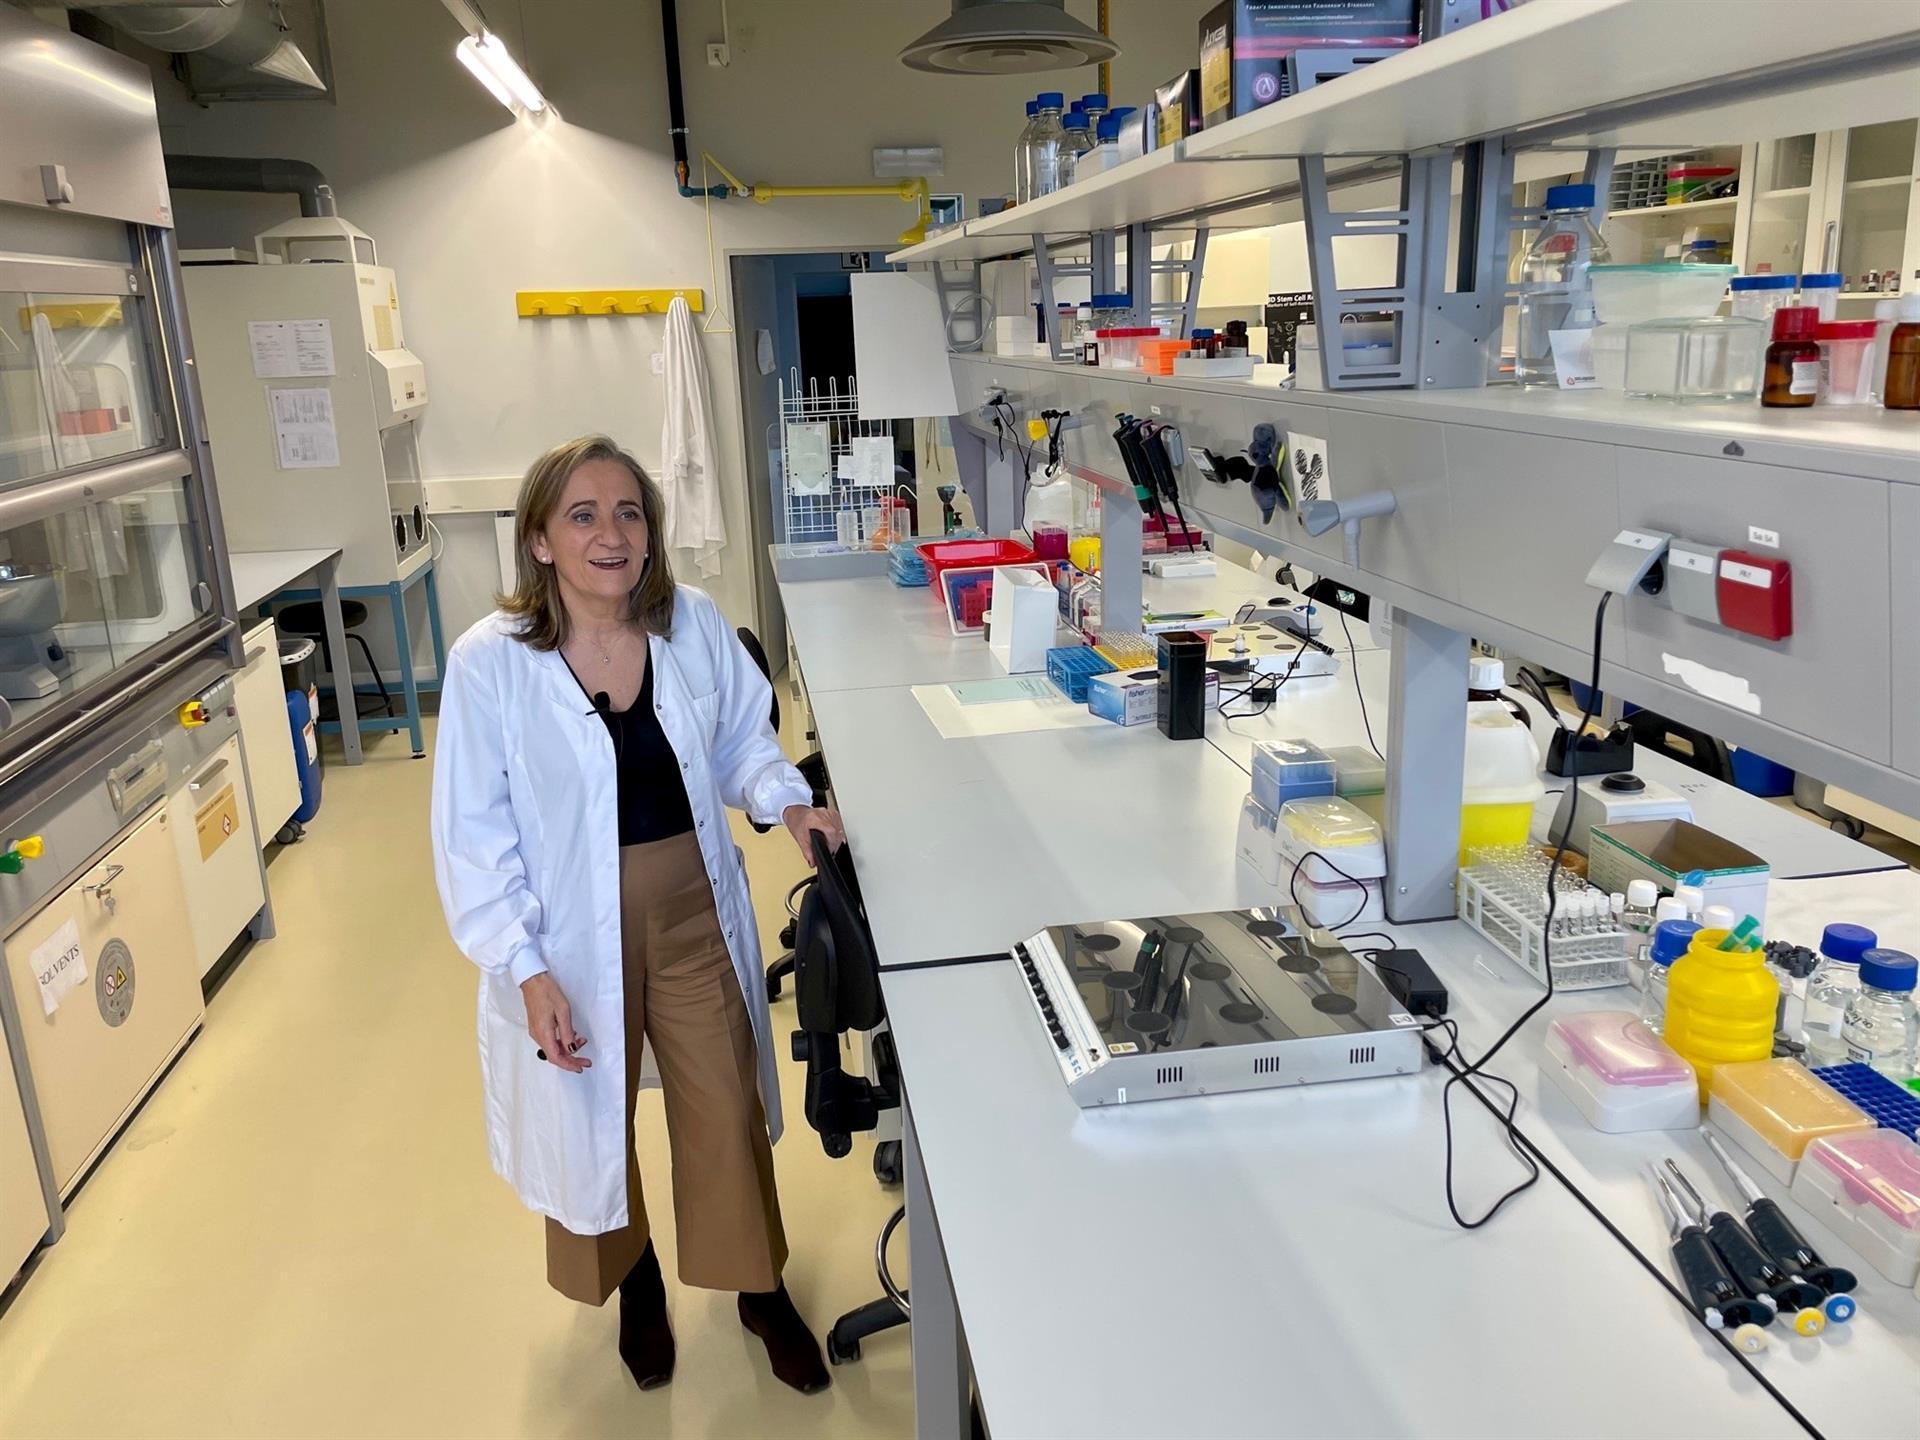 La catedrática de Farmacia María José Alonso dirige un equipo del Cimus en busca de una vacuna contra la covid que no necesite frío para su conservación - USC